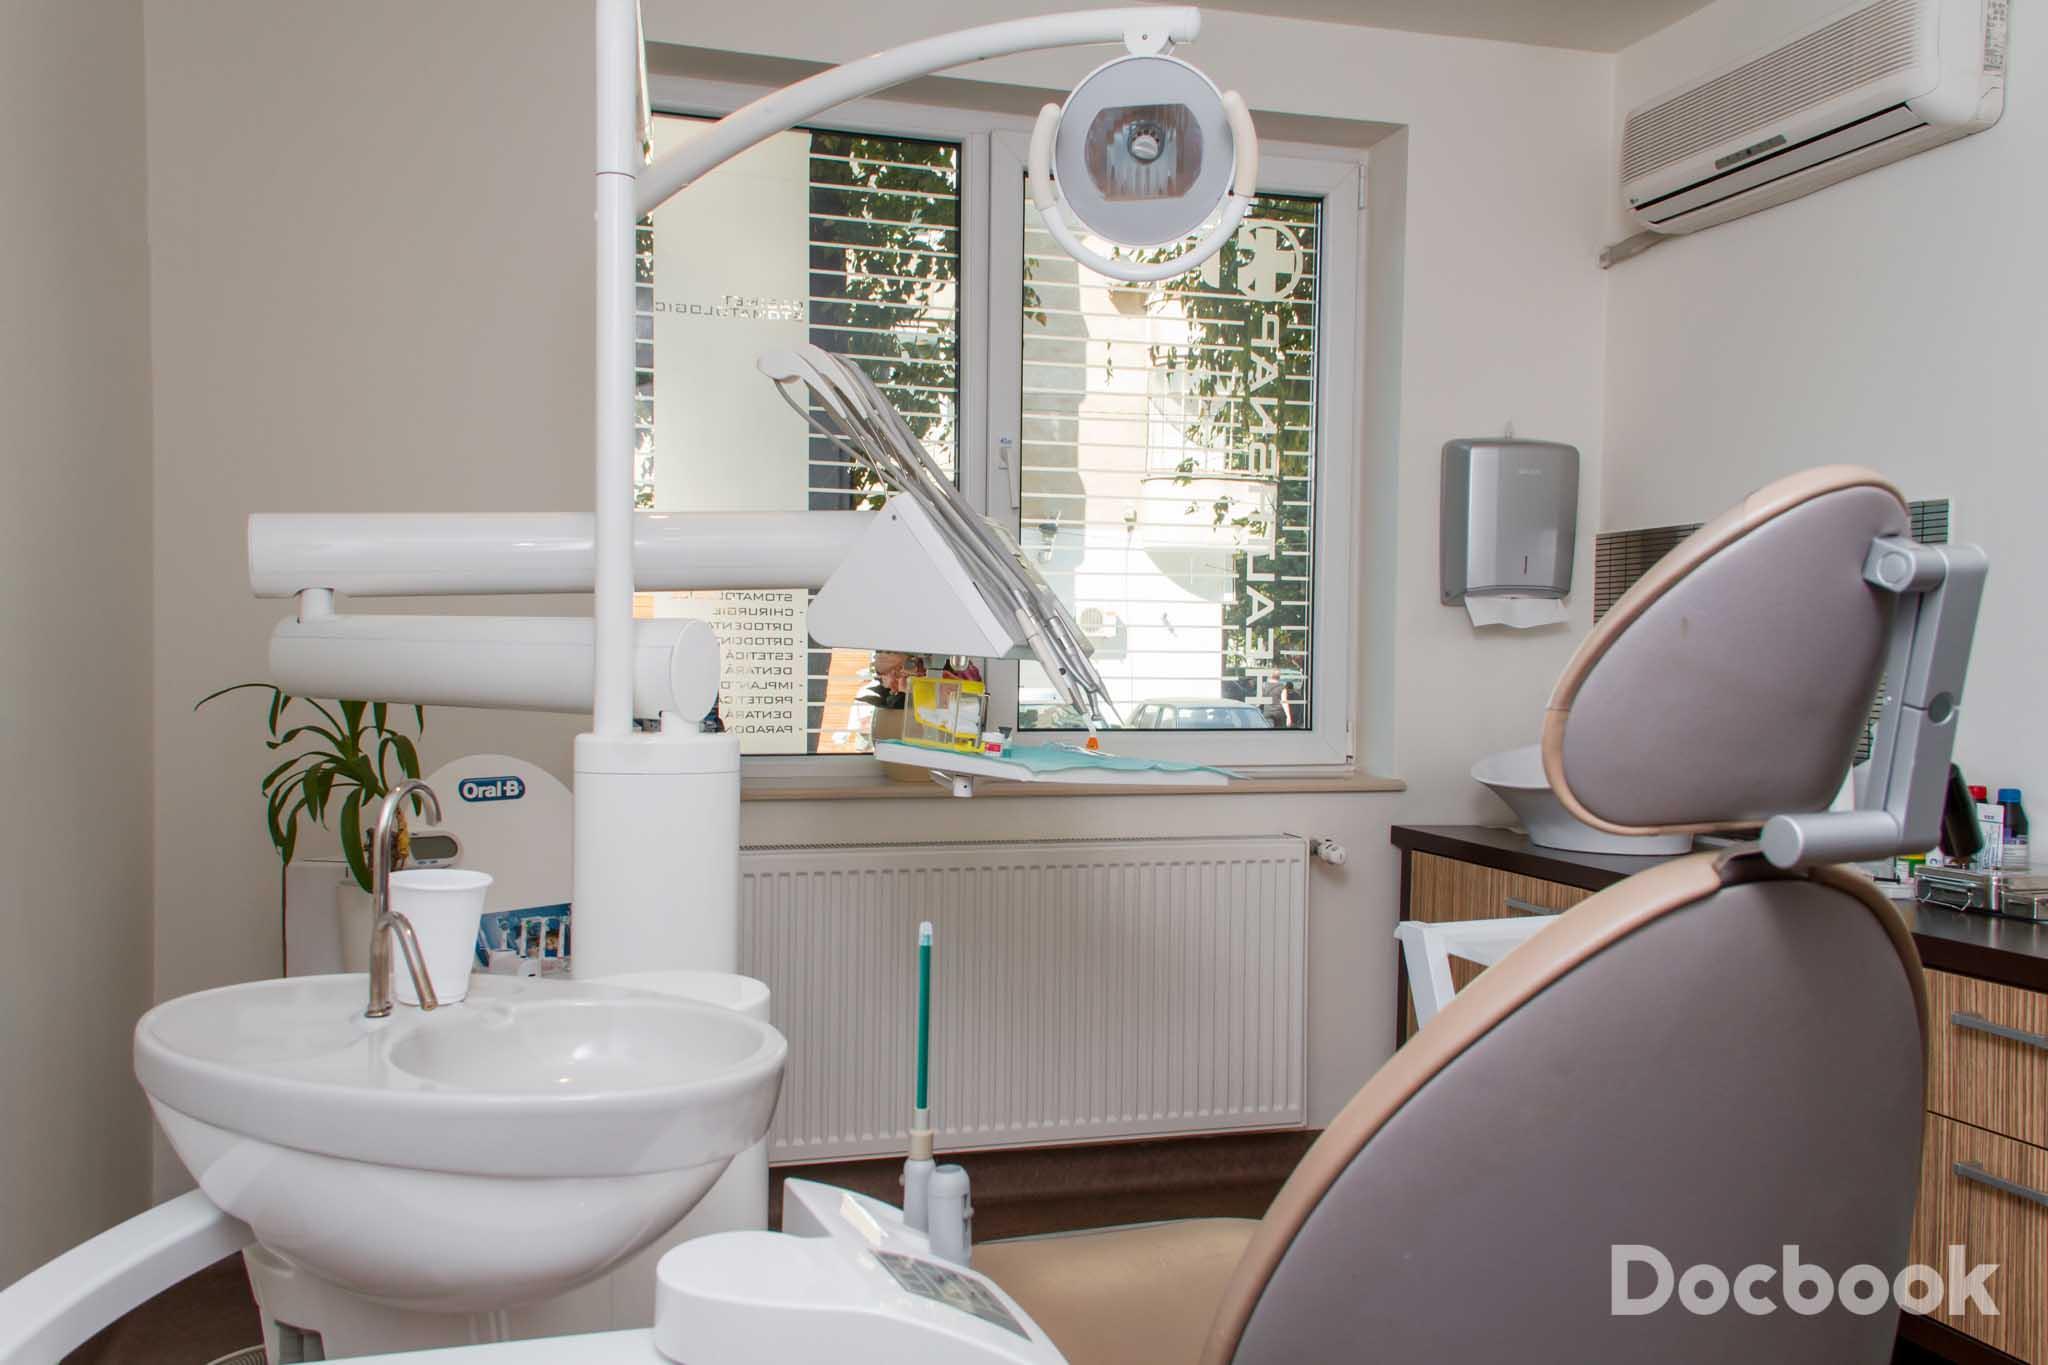 Clinica Healthsnap Dental Clinic